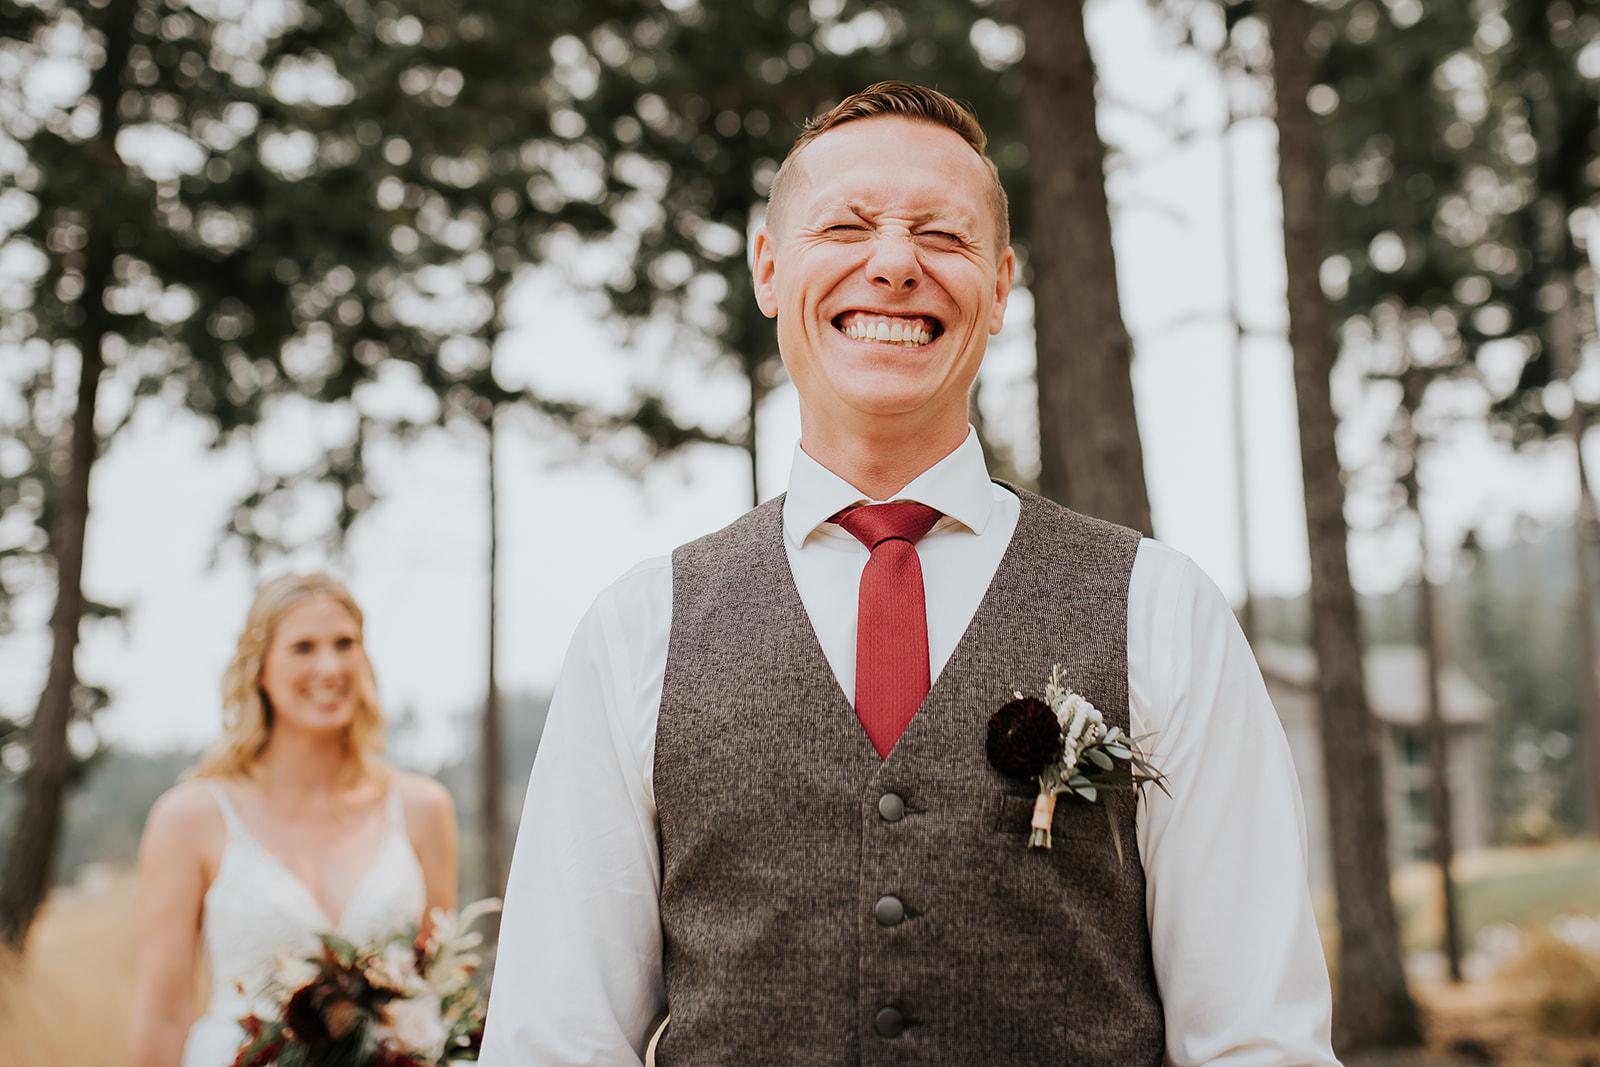 groom-smiling-waiting-to-see-bride-ebony-logins